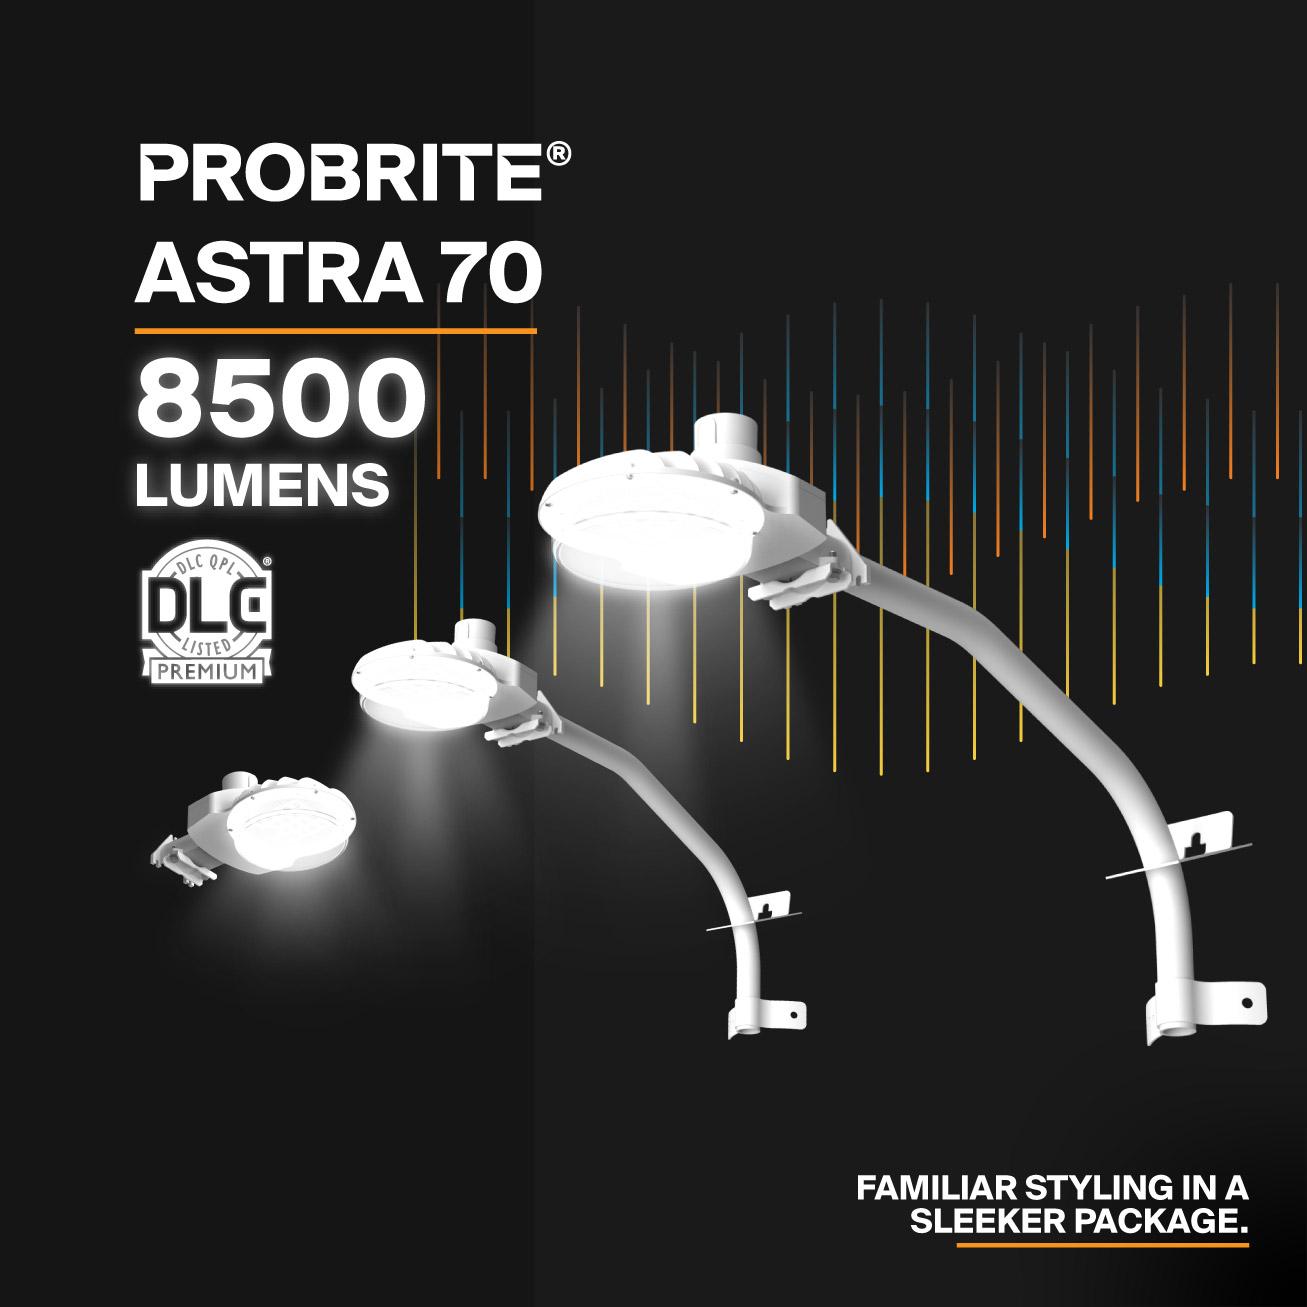 Probrite LED Area Light Astra70 Sleek Design